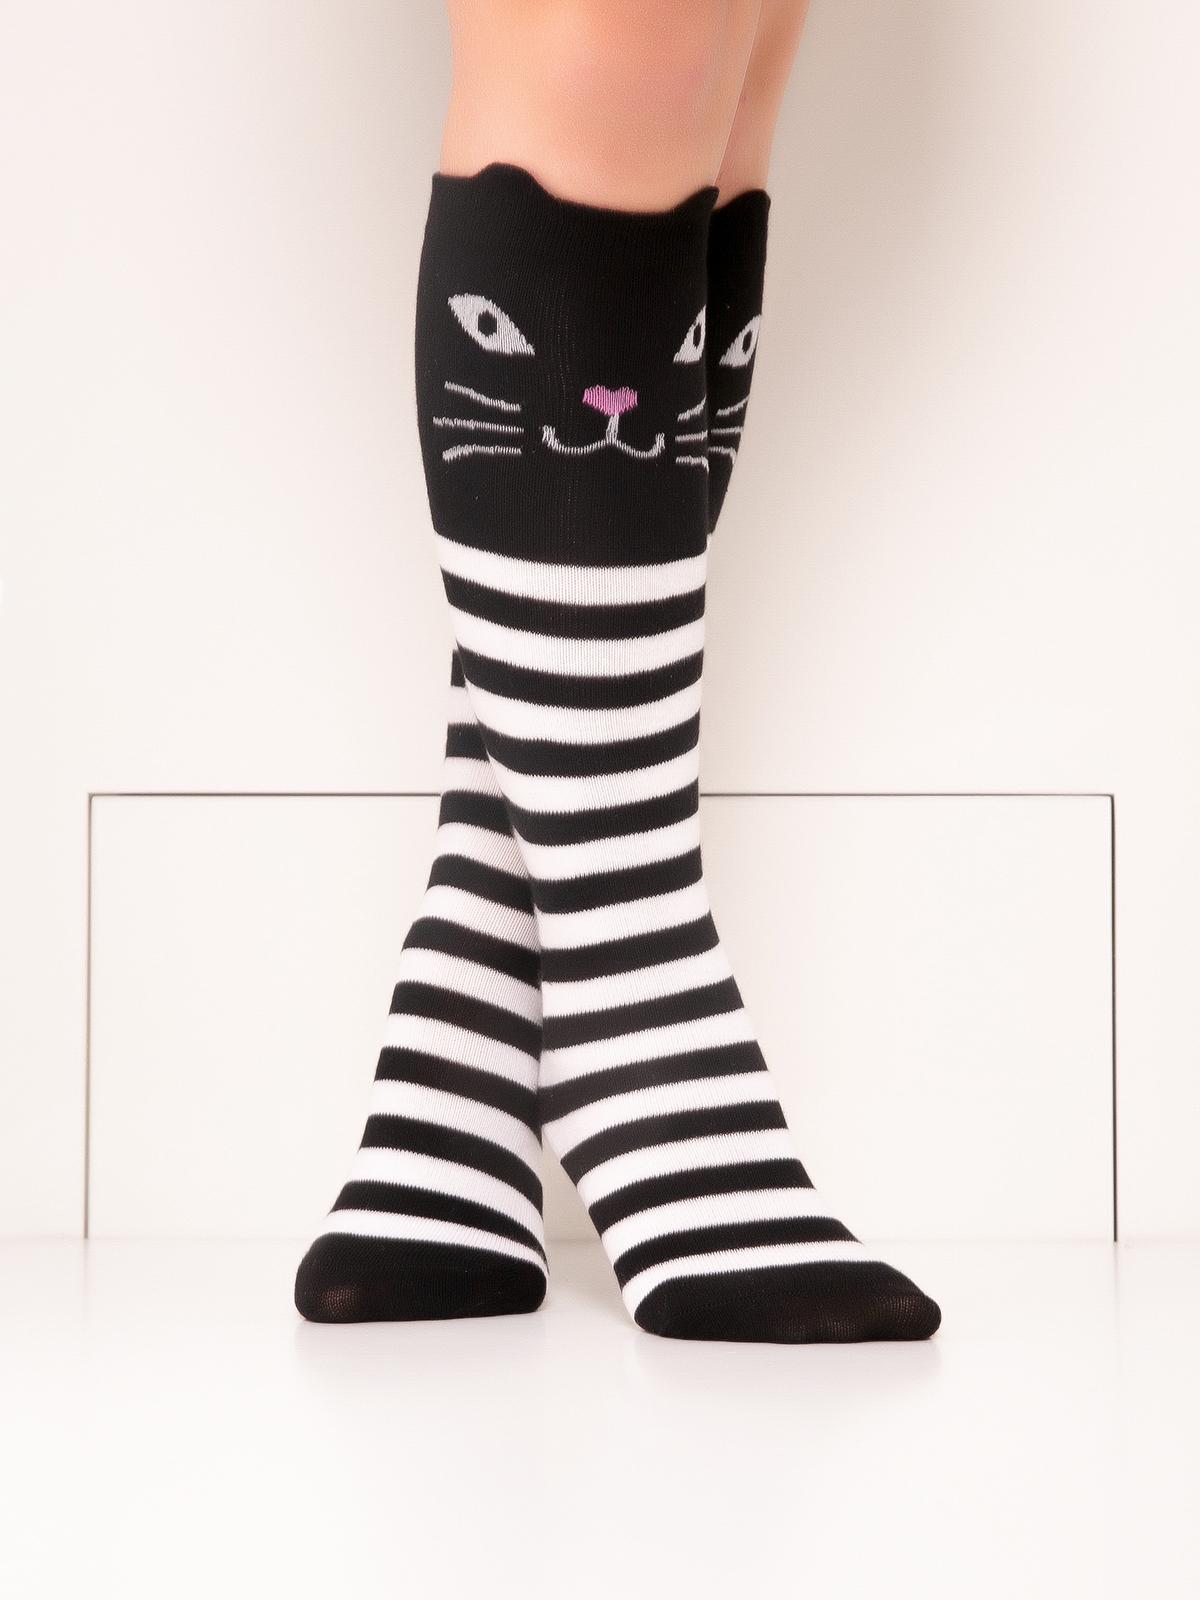 Купить Гольфы детские Hobby Line 4471-03 полоска бело-черная, Котик, белый, черный, 20-22, Гольфы для девочек